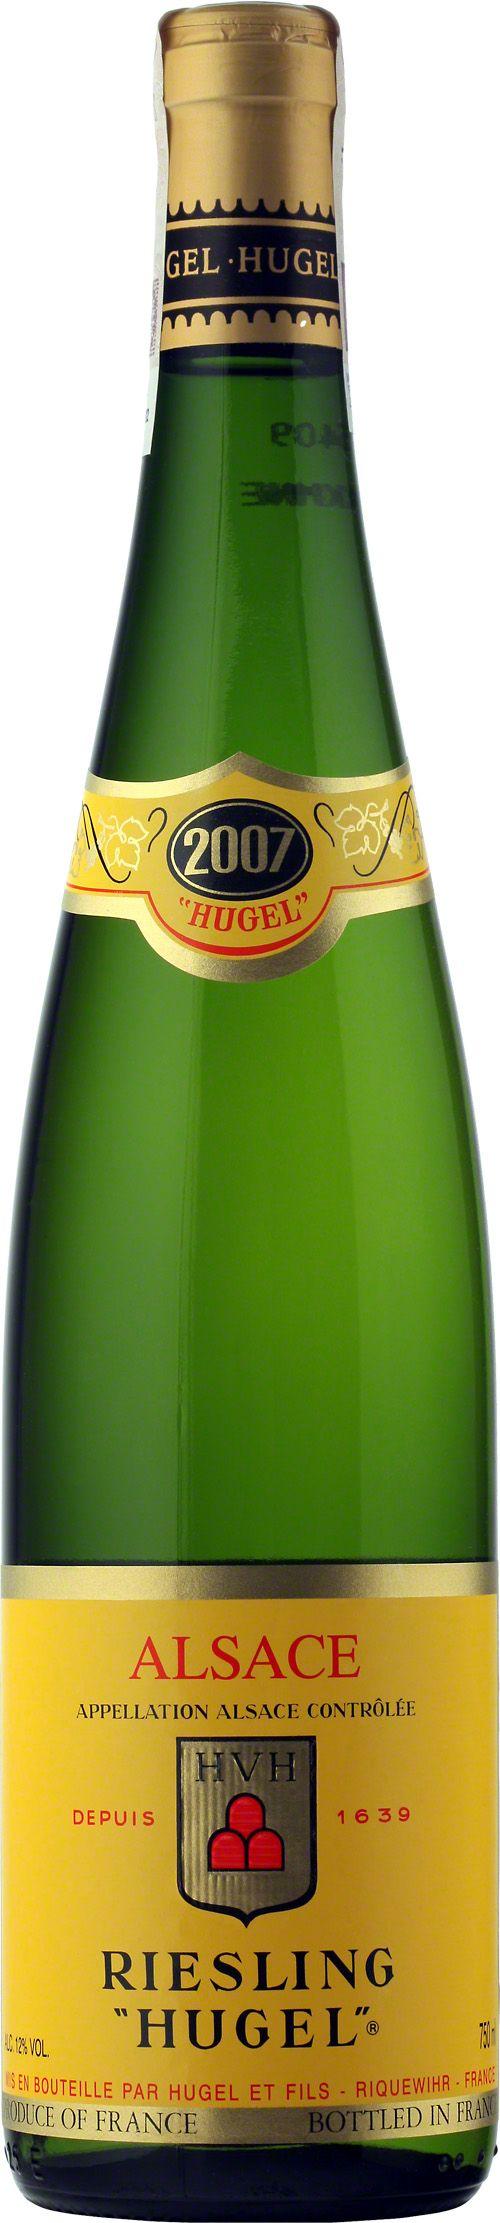 Hugel Riesling Alsace A.O.C. Najszlachetniejszy spośród wszystkich białych win Riesling jest wytrawnym winem, które swoją arystokratyczną moc najpełniej osiąga w Alzacji. Odmiana charakteryzująca się delikatną owocowością, potężną strukturą i subtelną kwasowością. #Wino #Riesling #Alzacja #Hugel #Winezja